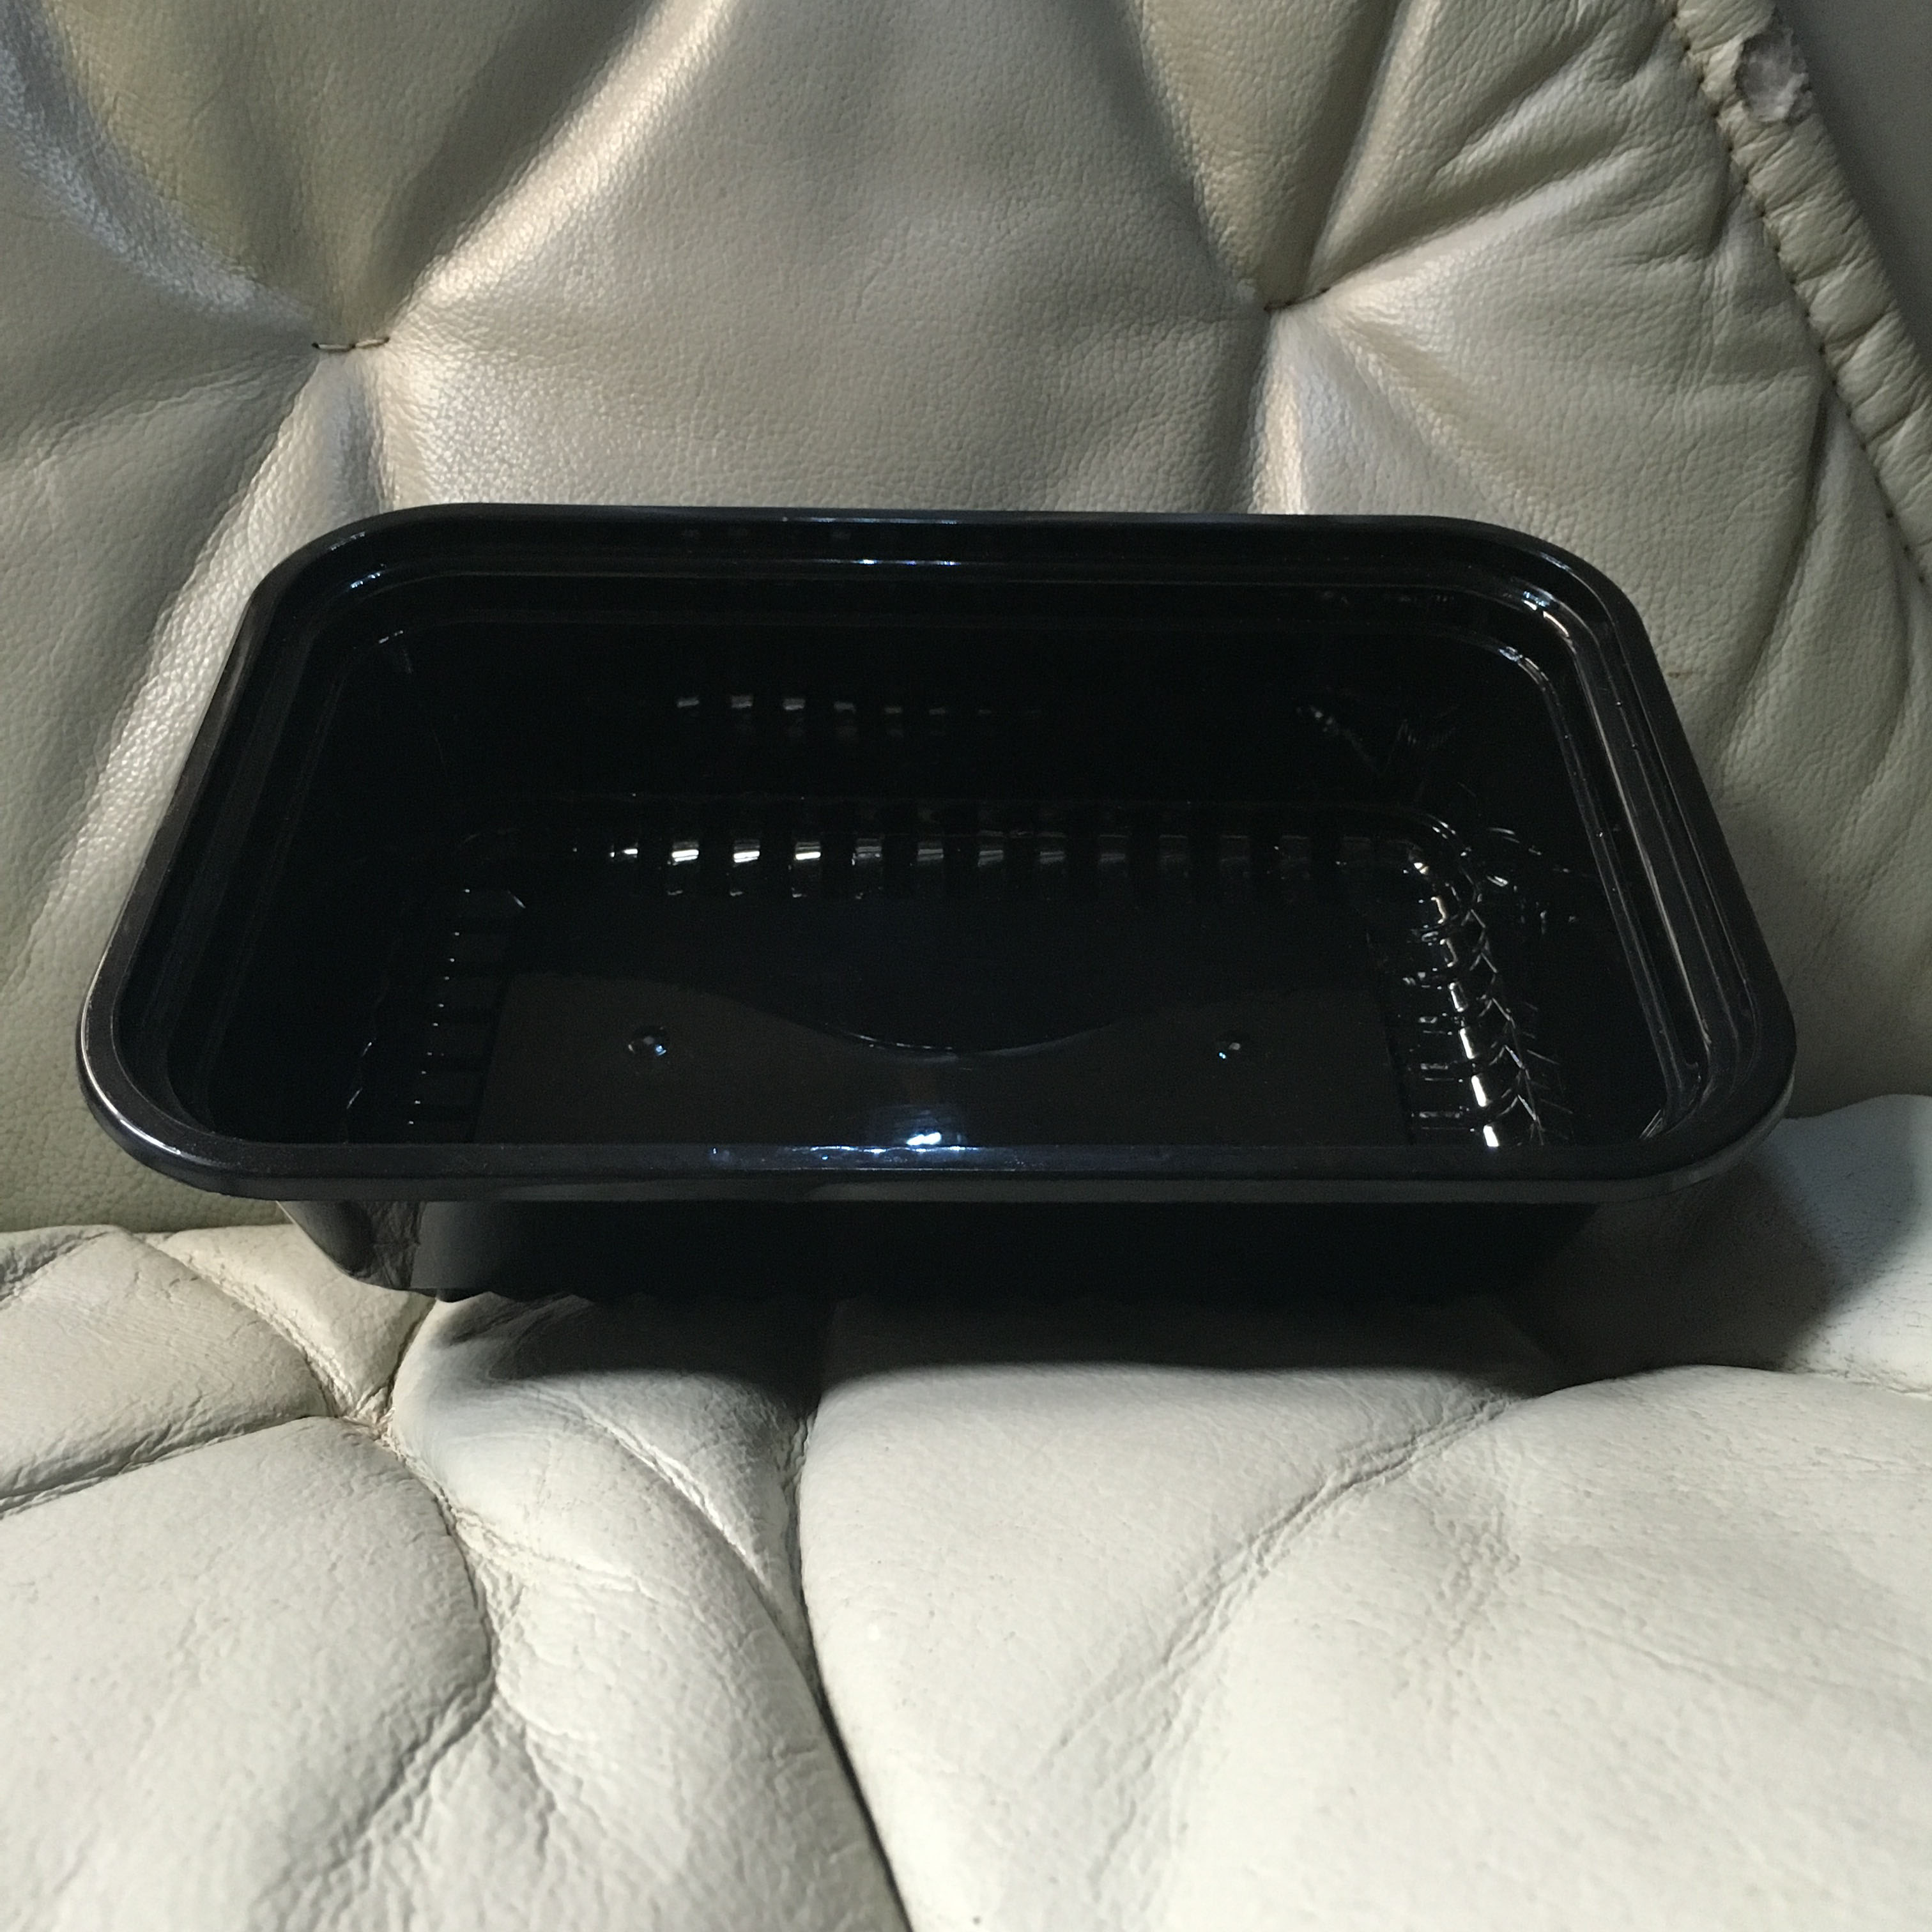 förpackning cylinderampull täcka en engångs - matlåda bevarande - & lunchbox svart plast snabbmat